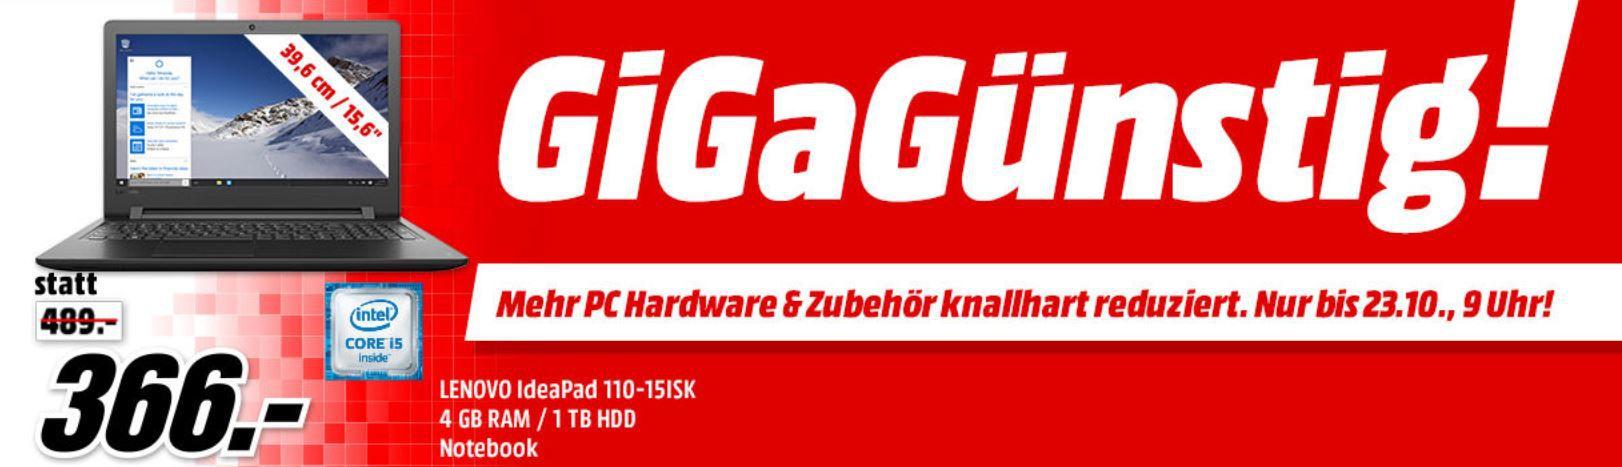 Media Markt GiGaGünstig Sale: PC Hardware & Zubehör reduziert z.B. LENOVO IdeaCentre AIO 520 Convertible für 599€ (statt 704€)